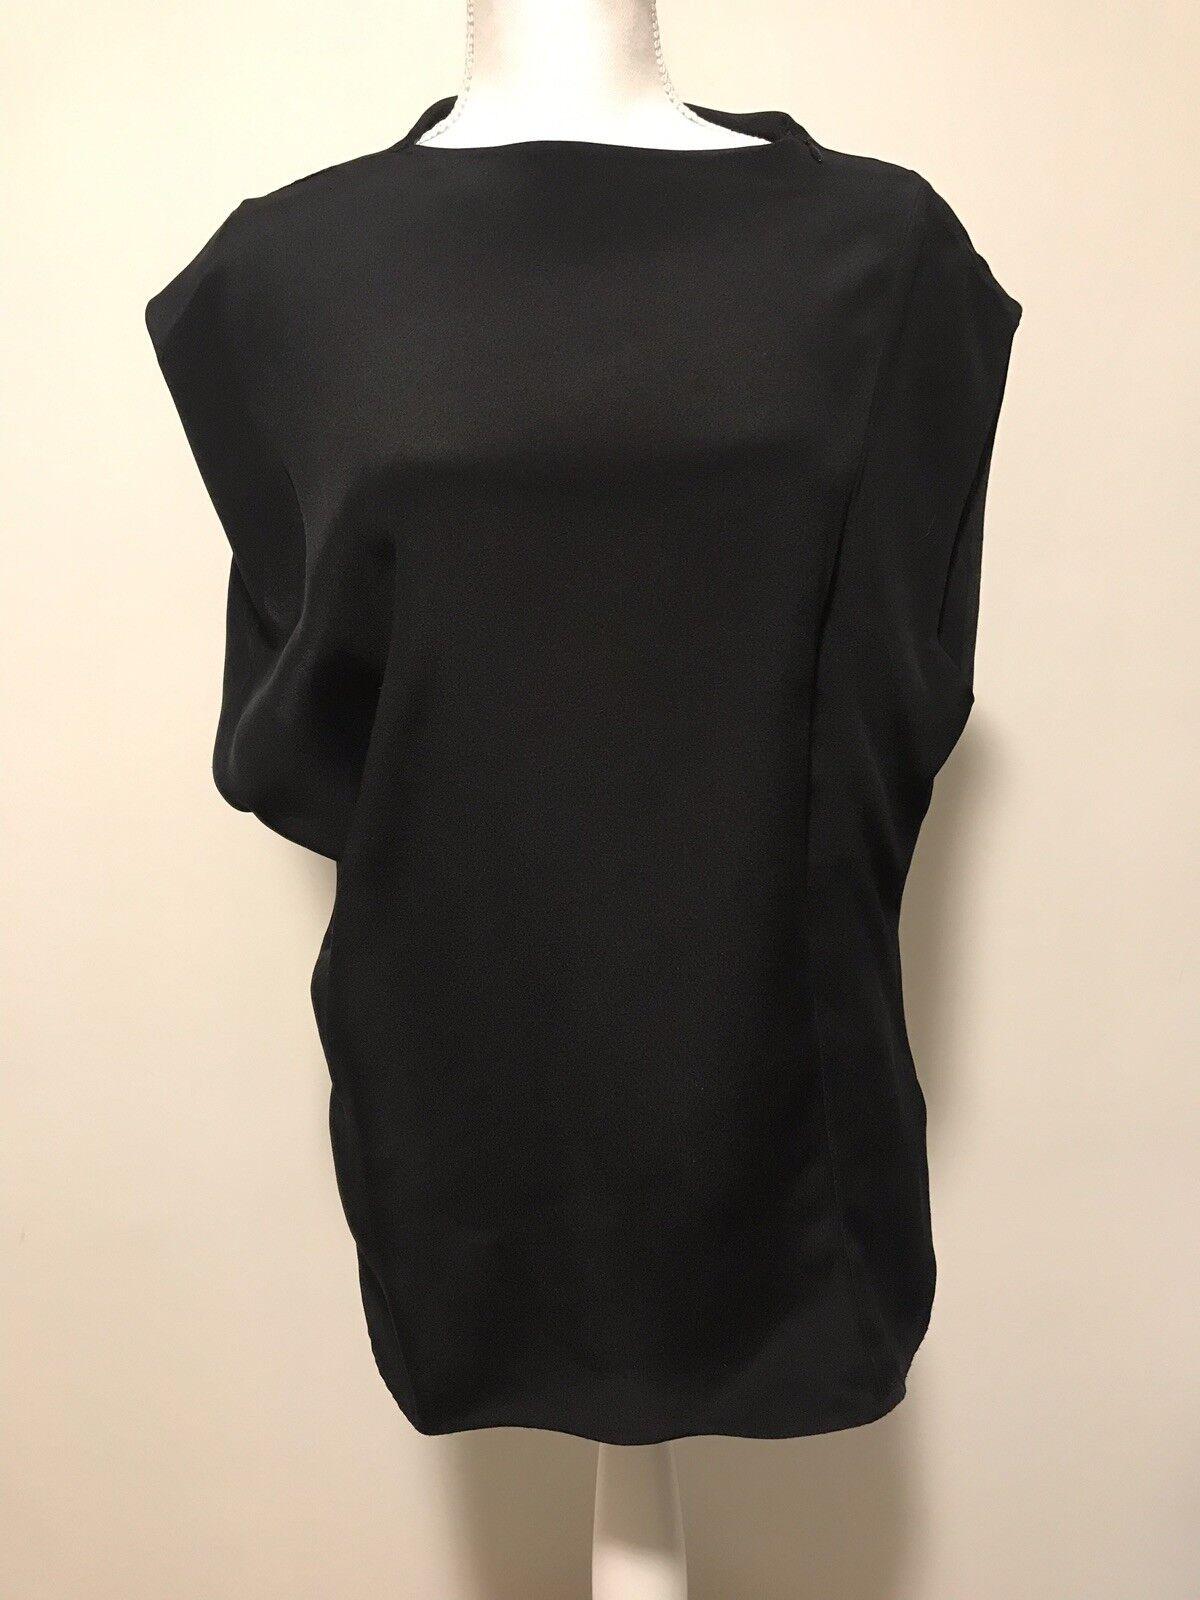 Phillip Lim 100% Silk schwarz Top, Mint condition